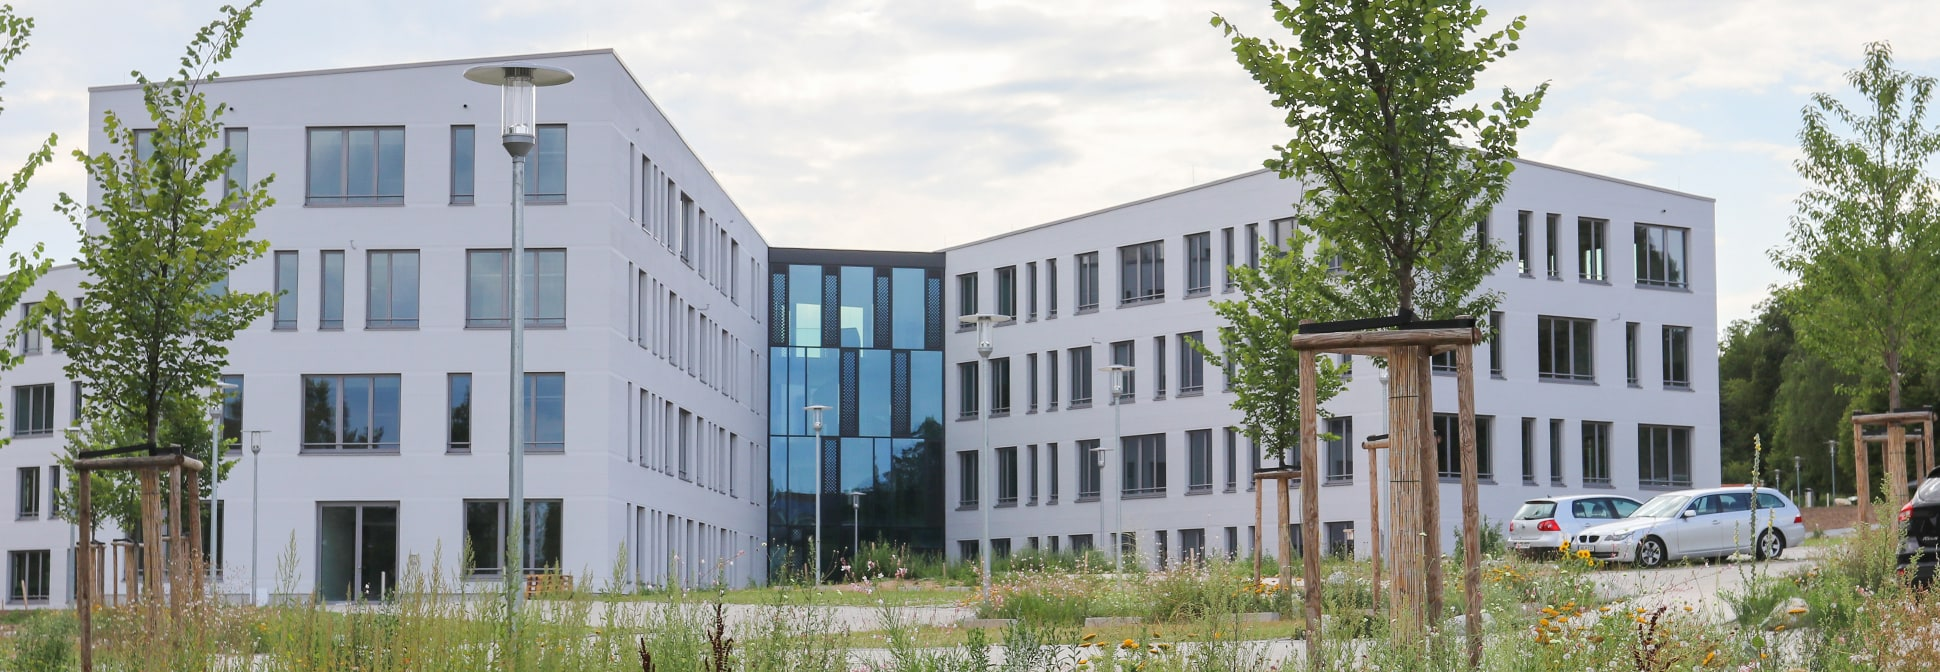 Bezirksrathaus, Ansbach